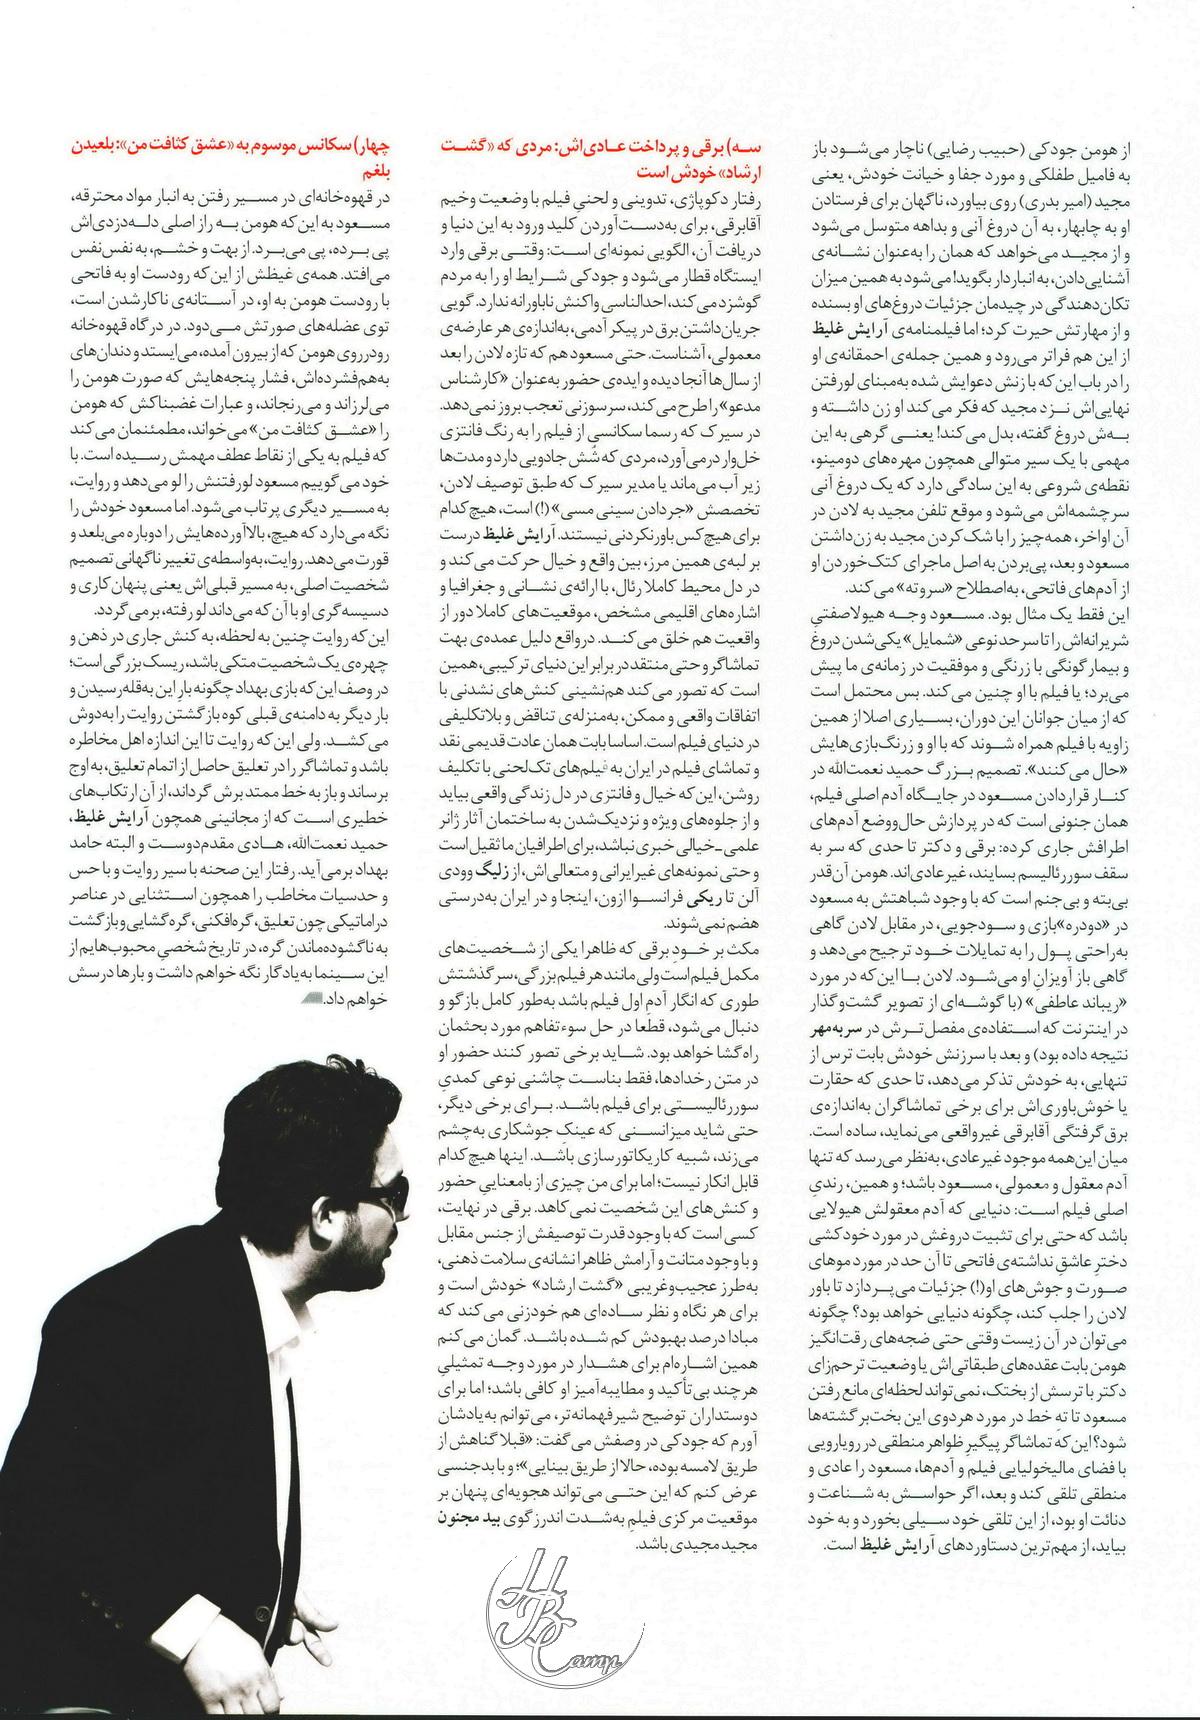 http://yotab.persiangig.com/magazin/24mag-56/n03.jpg